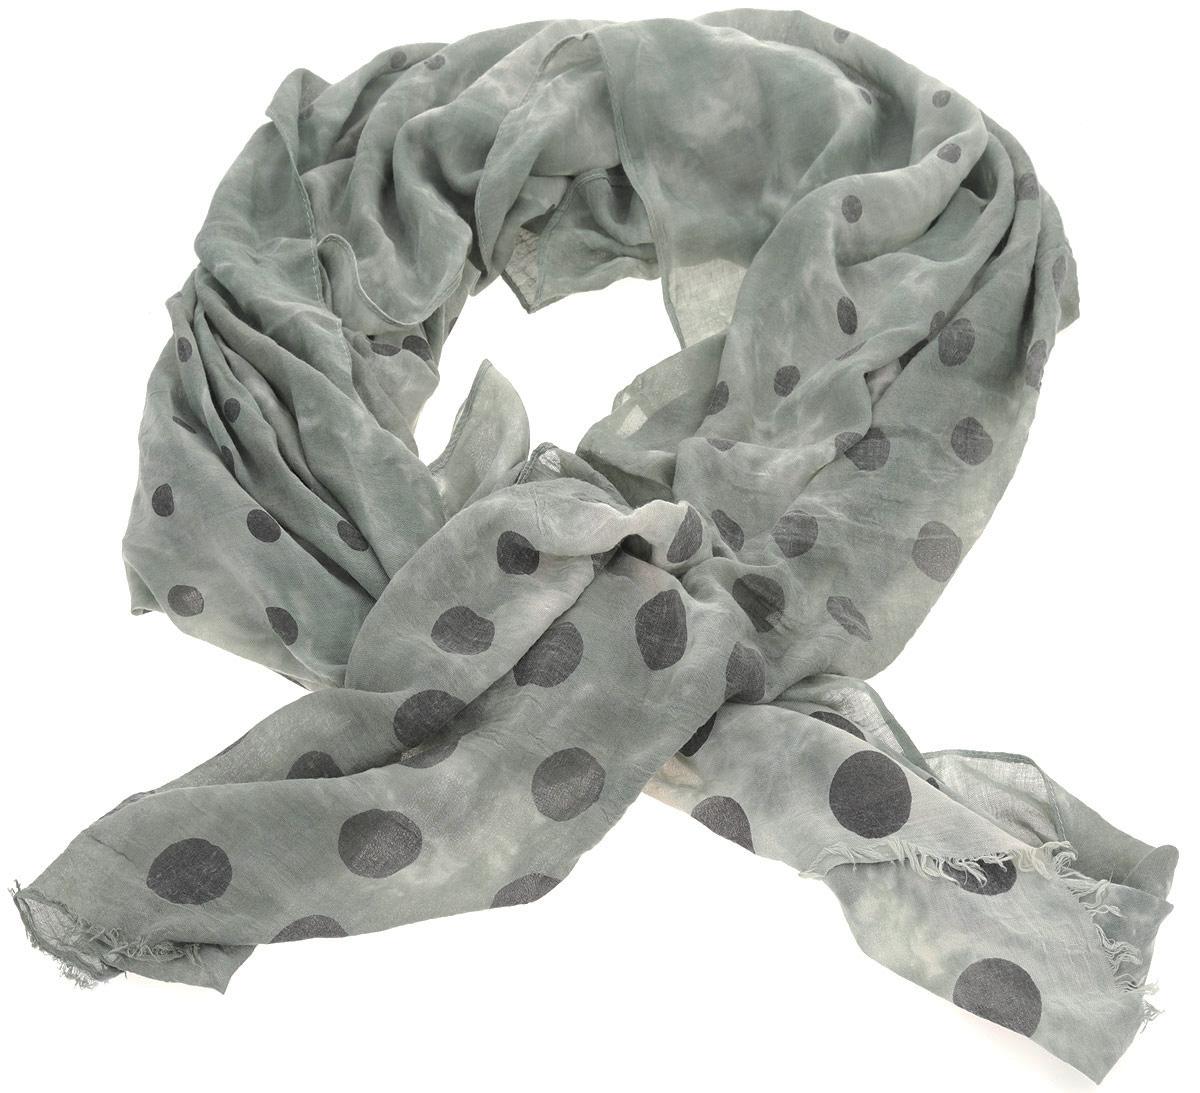 ШарфRW14128-105Элегантный женский шарф Fabretti подчеркнет ваш неповторимый образ. Он выполнен из мягкой стопроцентной вискозы, оформлен горохом темного цвета и по краям декорирован бахромой. Шарф Fabretti поможет внести живость в любой образ, подарит уют и согреет от холодного ветра.